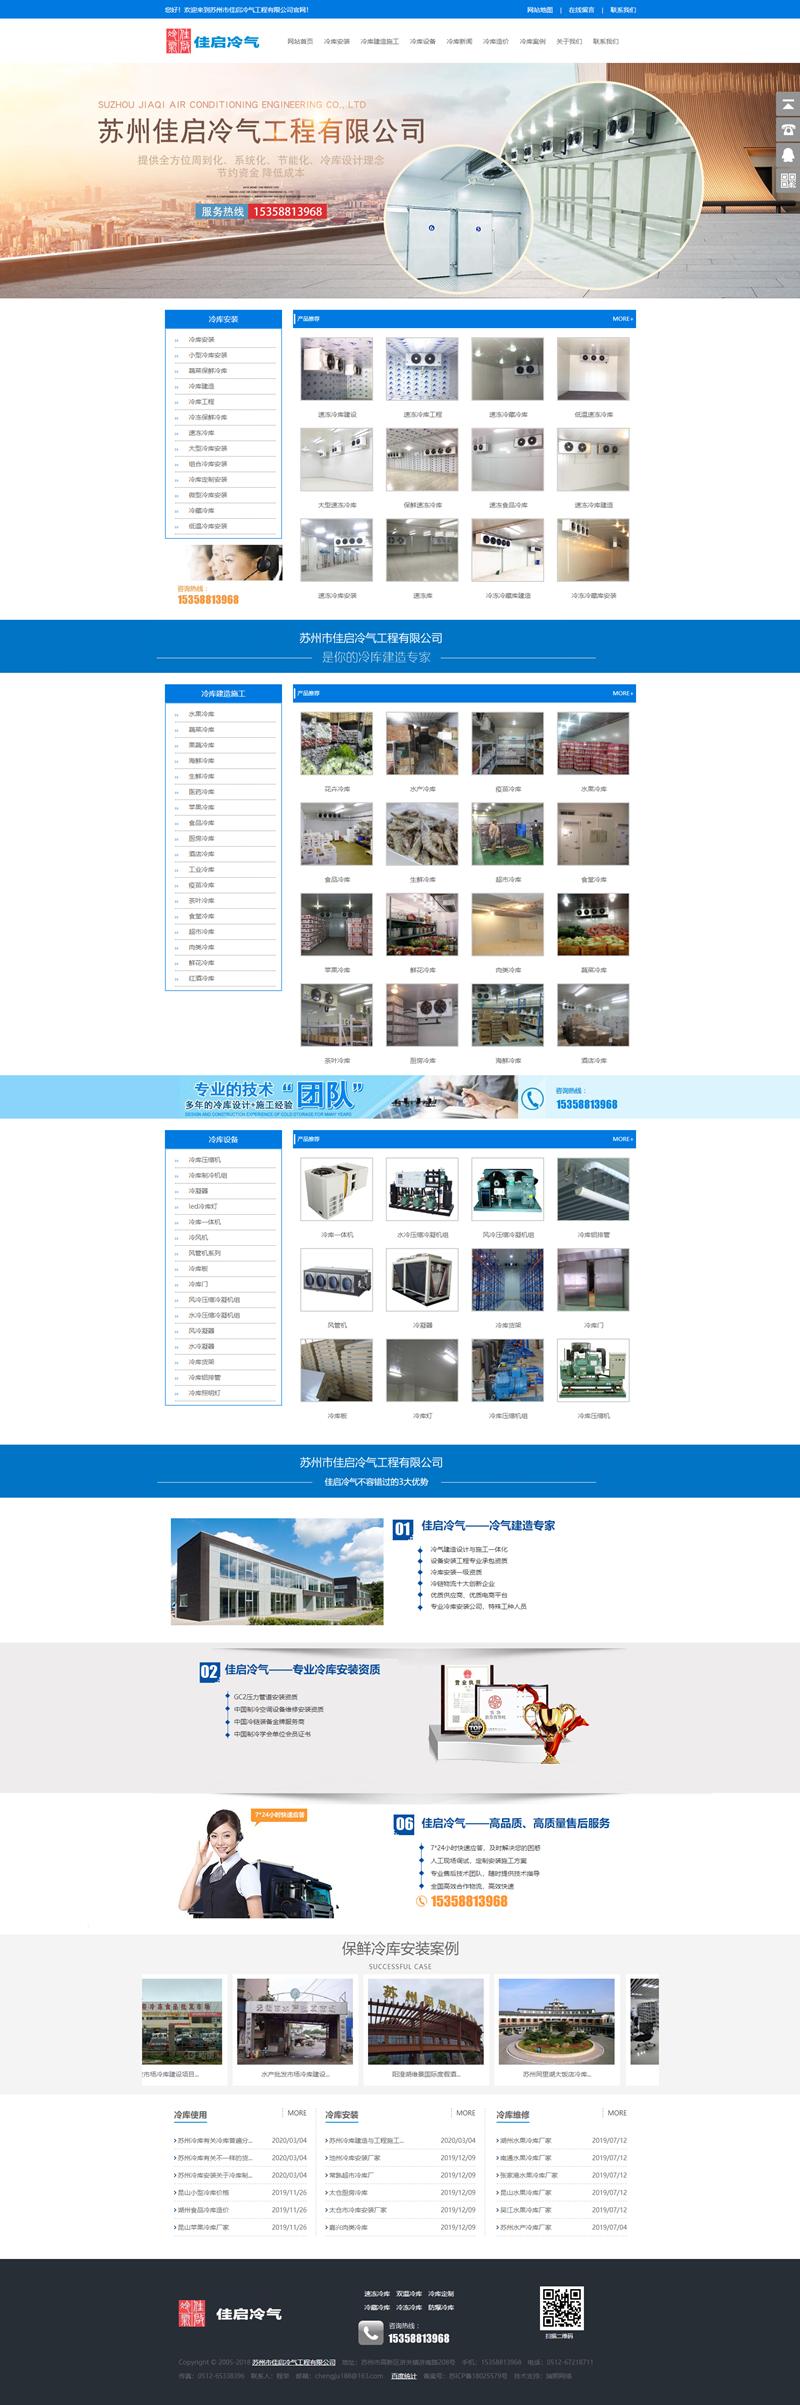 苏州网站优化